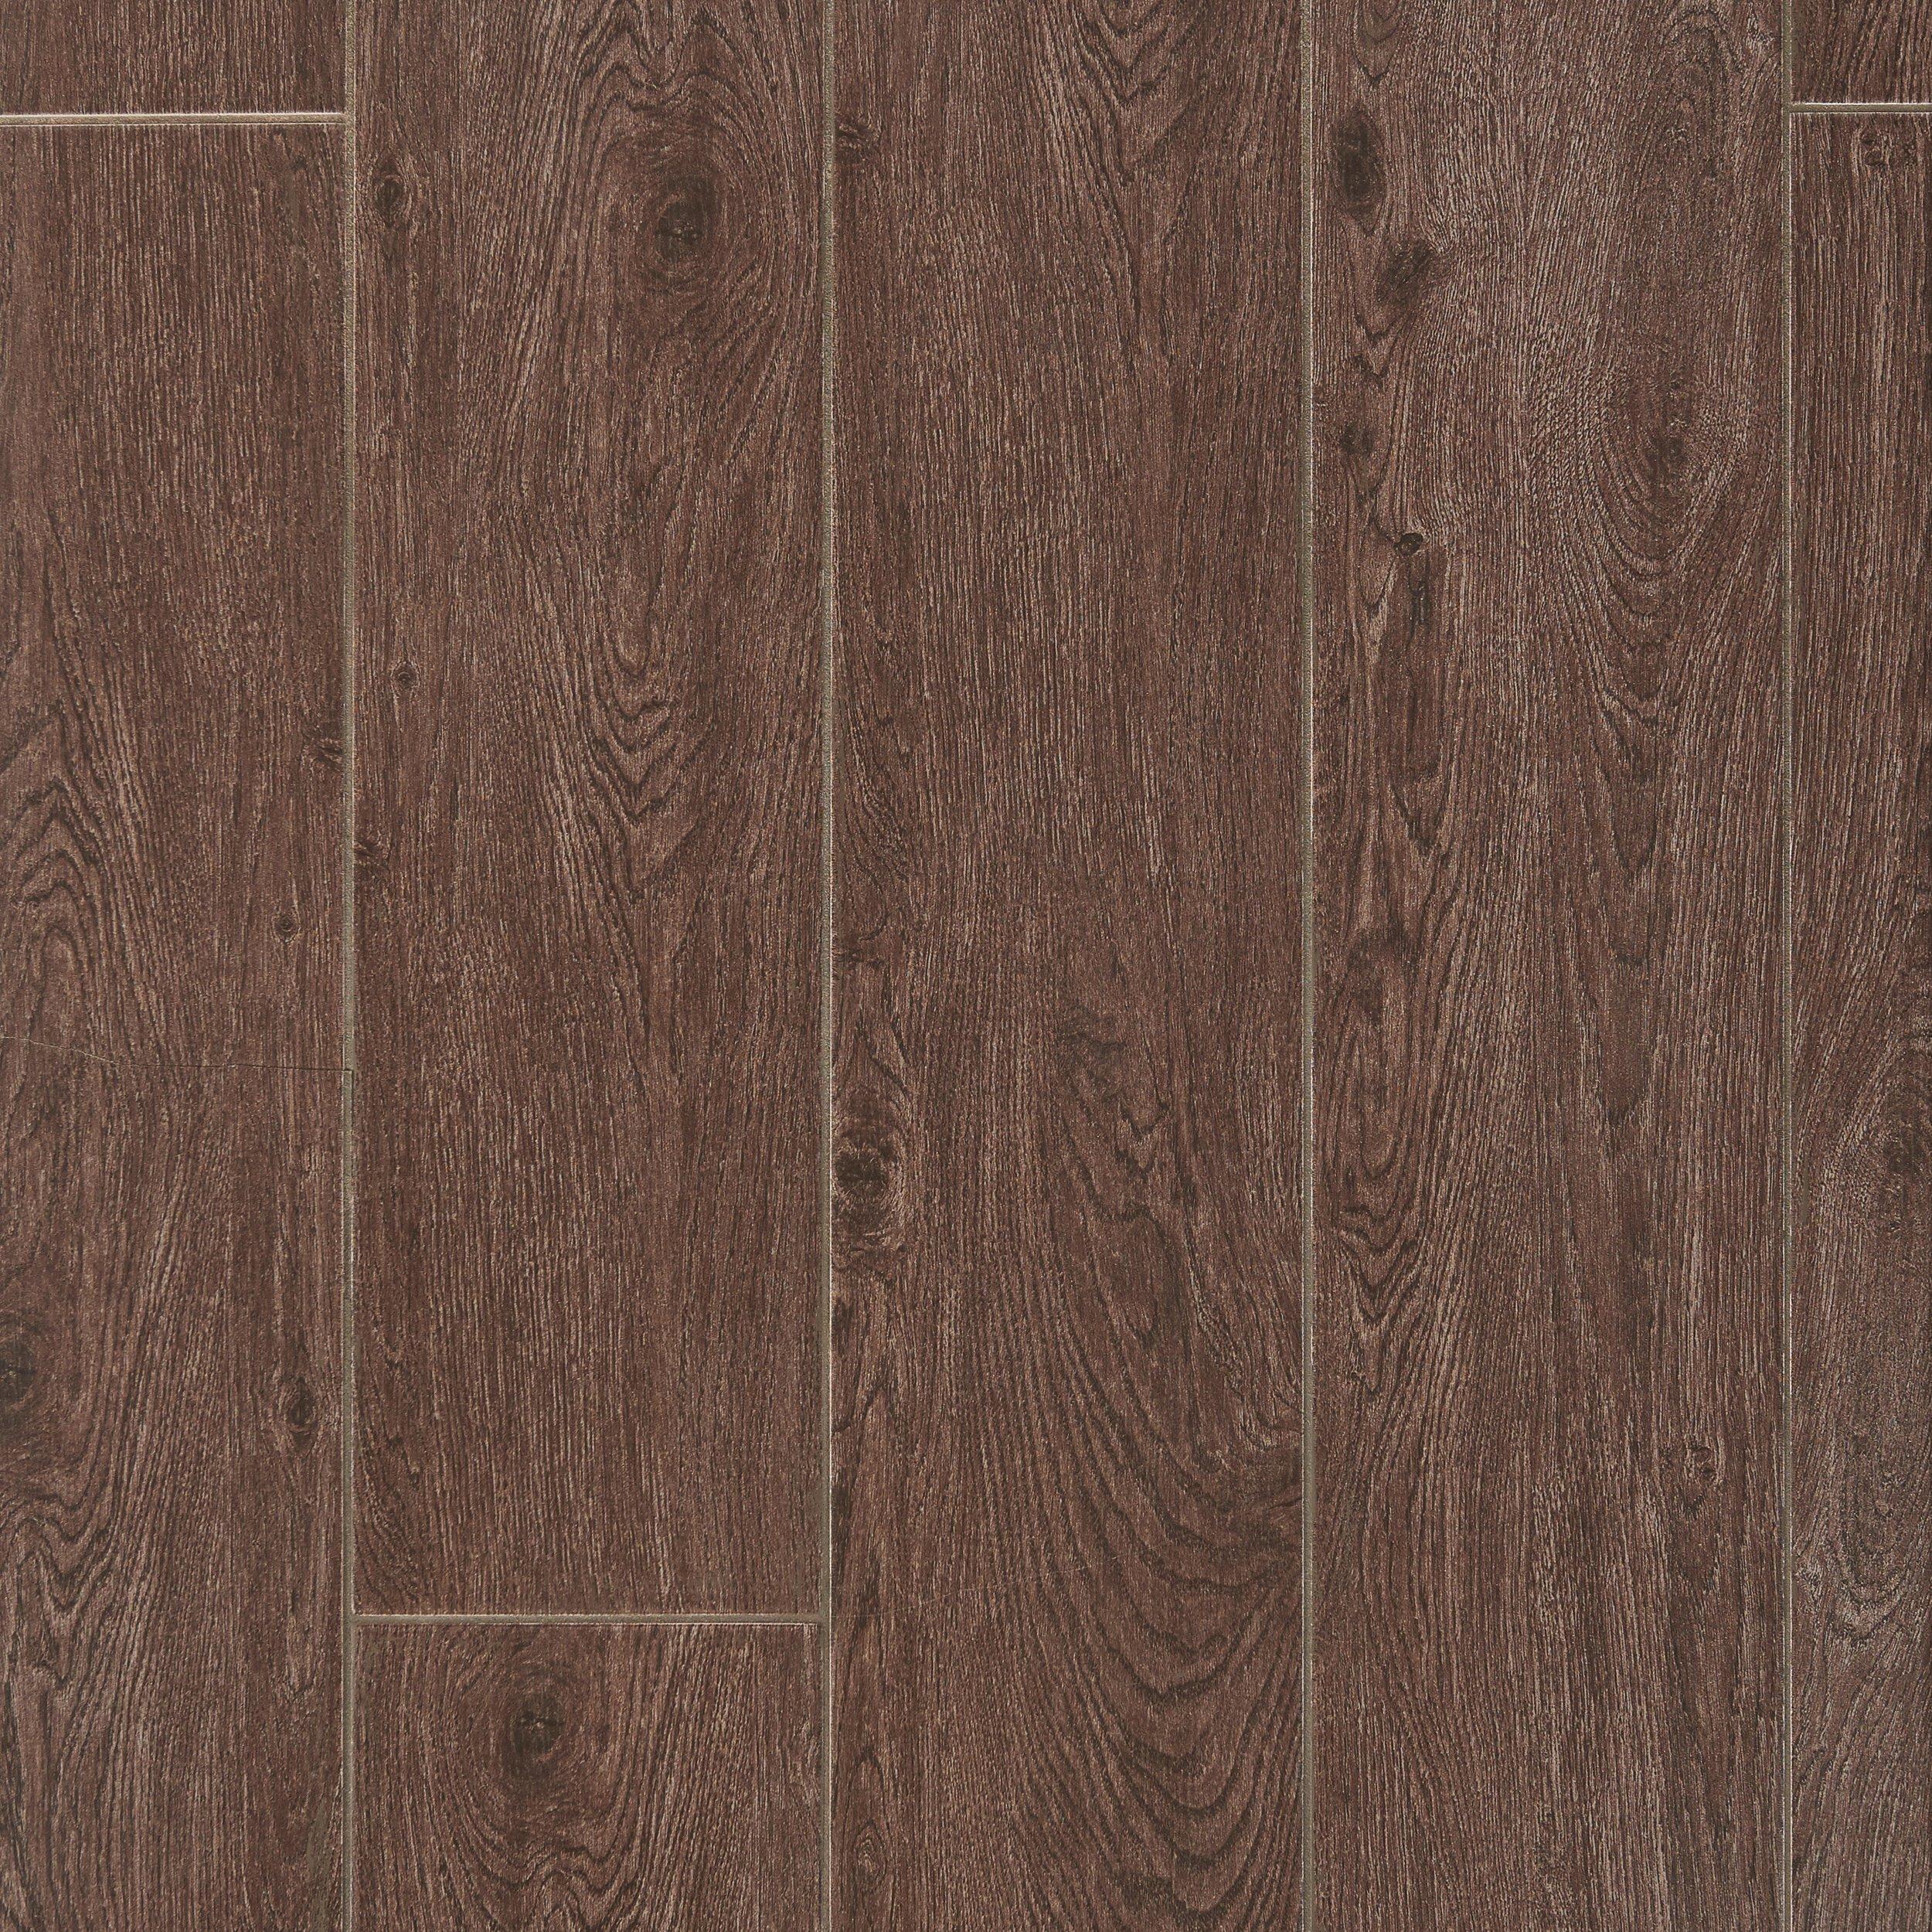 Maduro Dark Wood Plank Ceramic Tile 8 x 40 100132778 Floor